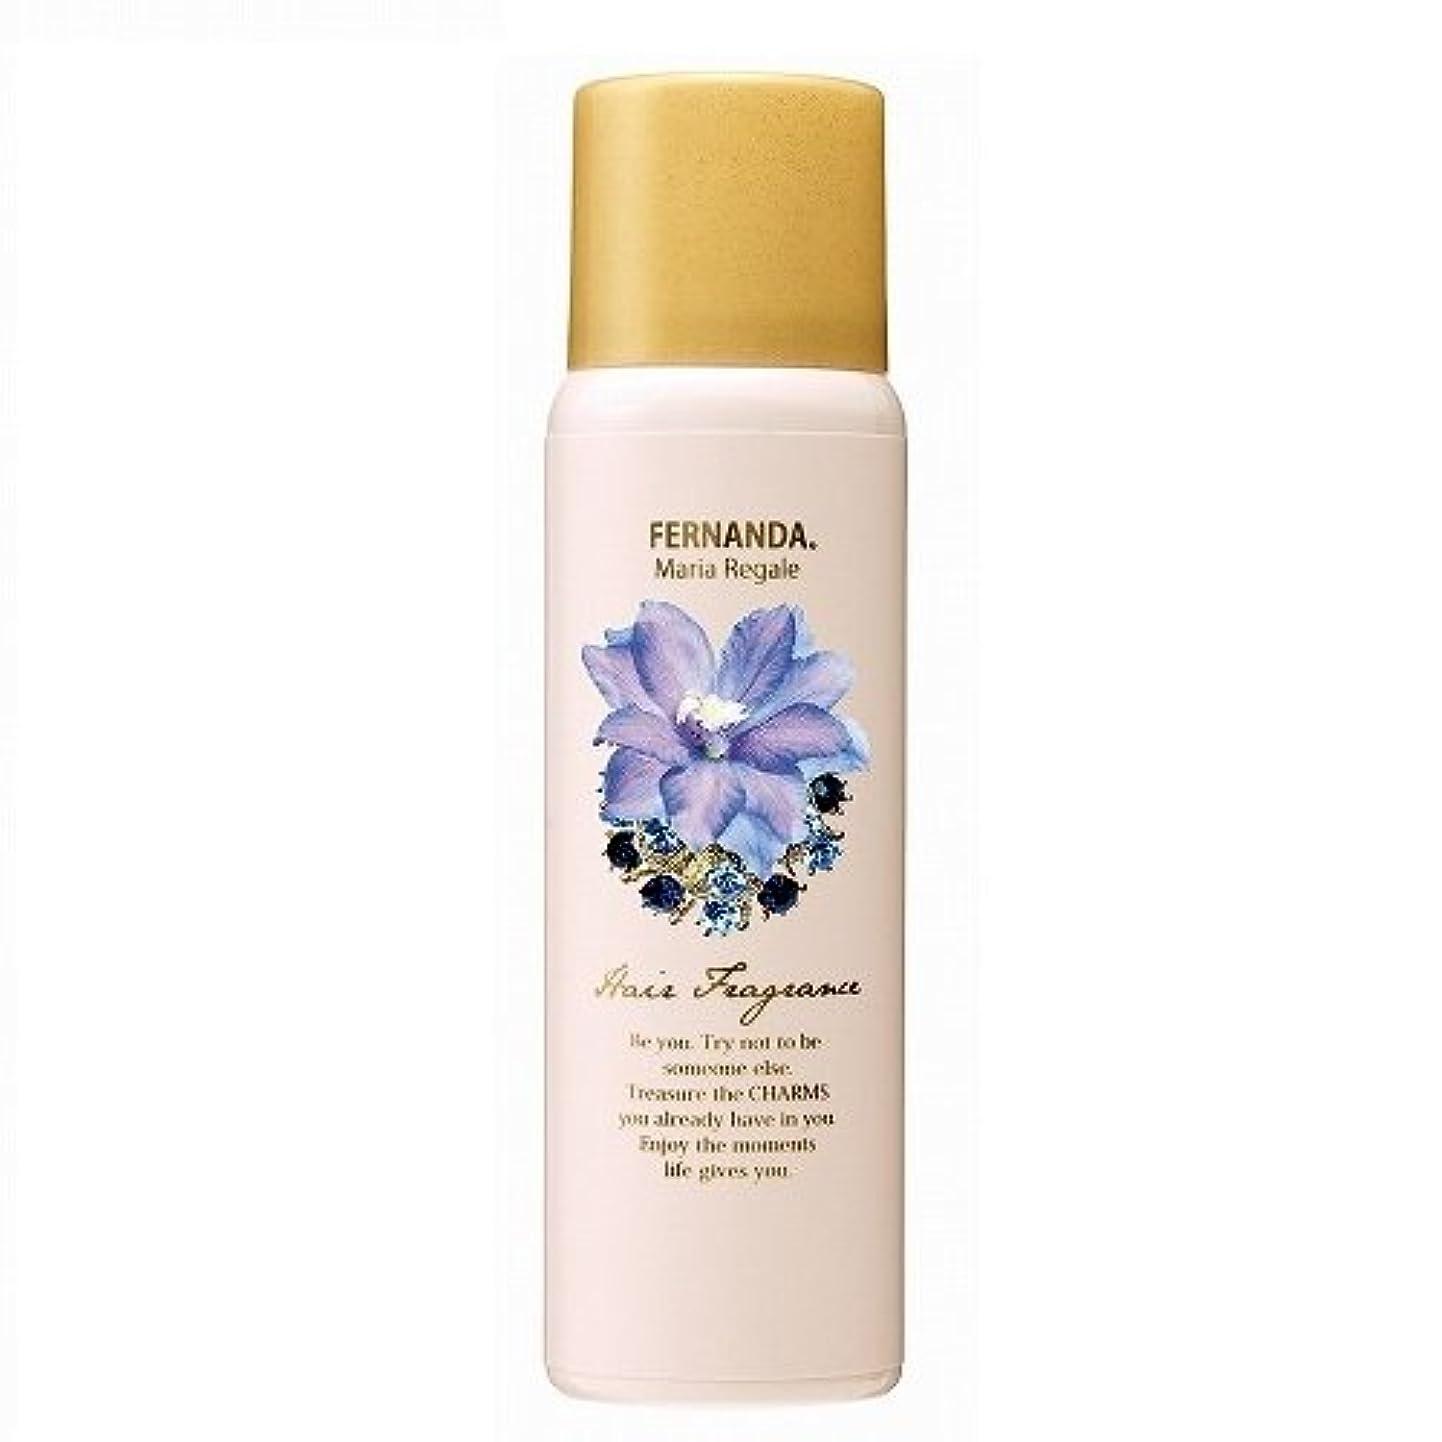 告白する素敵な心臓FERNANDA(フェルナンダ) Hair Fragrance Maria Regale (ヘアー フレグランス マリアリゲル)